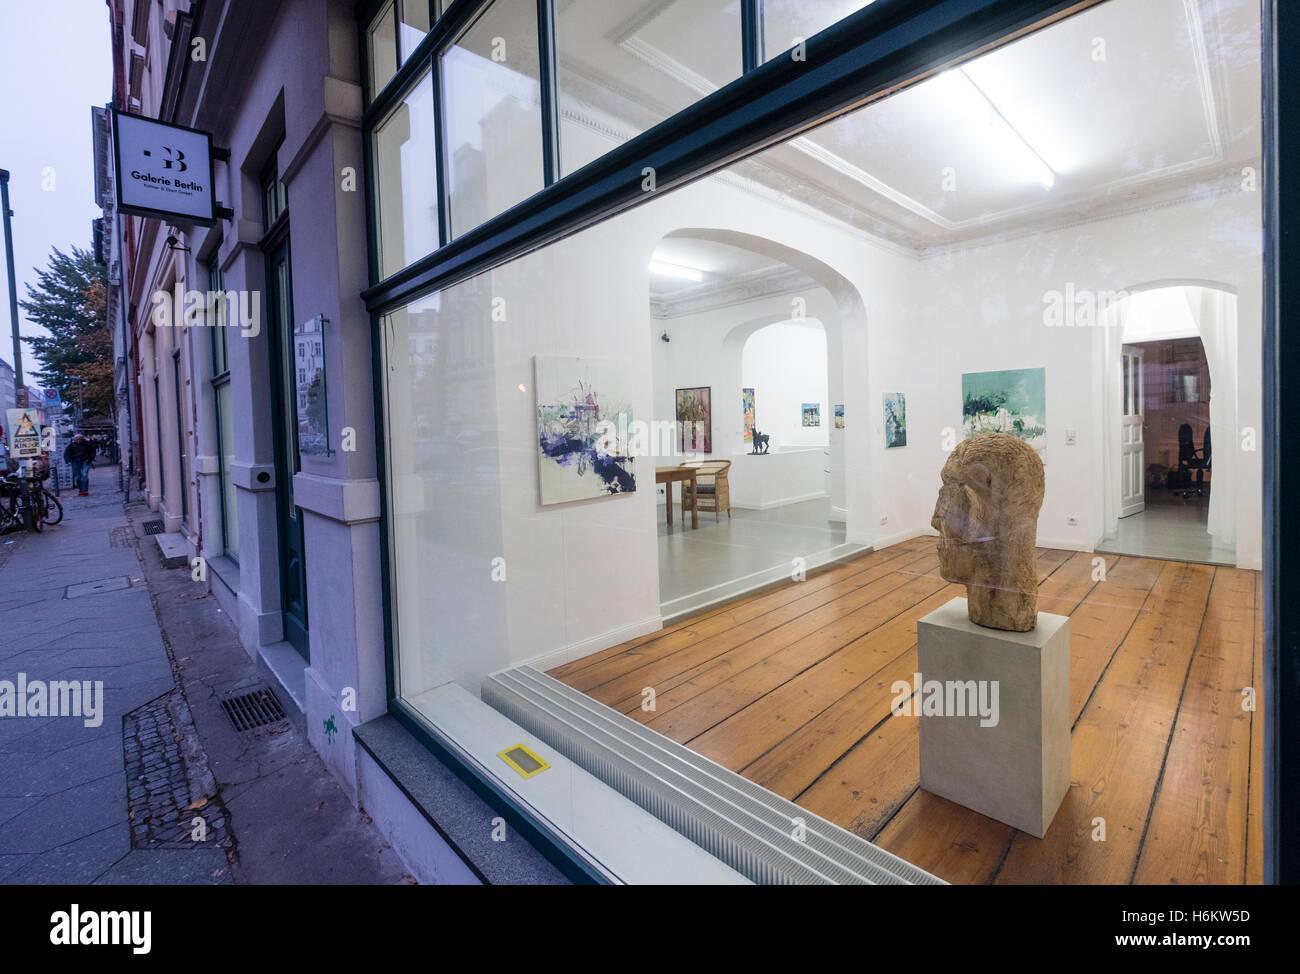 Photo De Galerie Exterieur l'extérieur de la galerie, galerie d'art de berlin sur